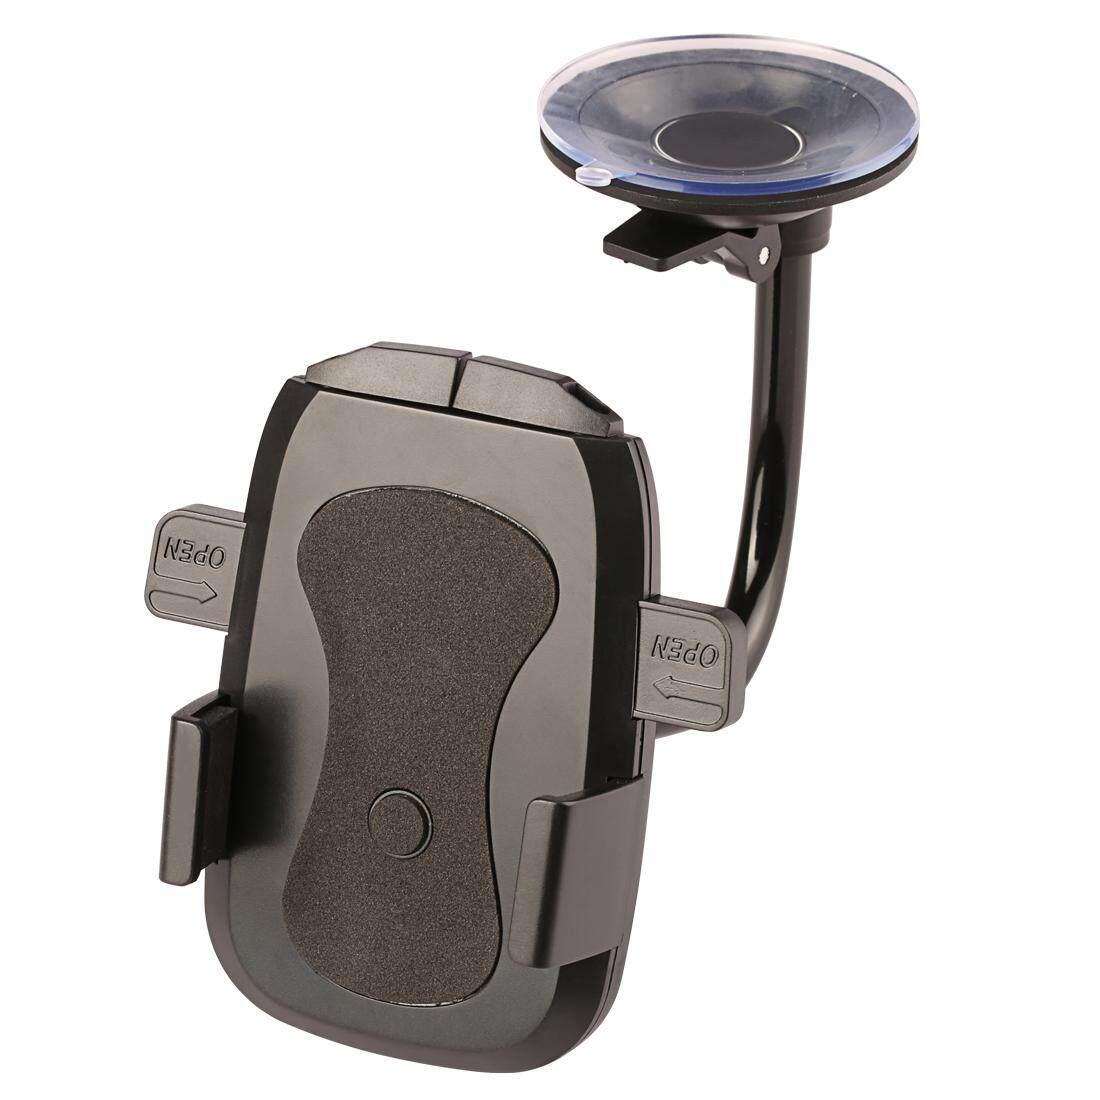 Universal Seluler Telepon Penahan Kaca Depan Lembut Tabung Mobil Telepon Penahan Penyangga Dudukan untuk Smartphone GPS